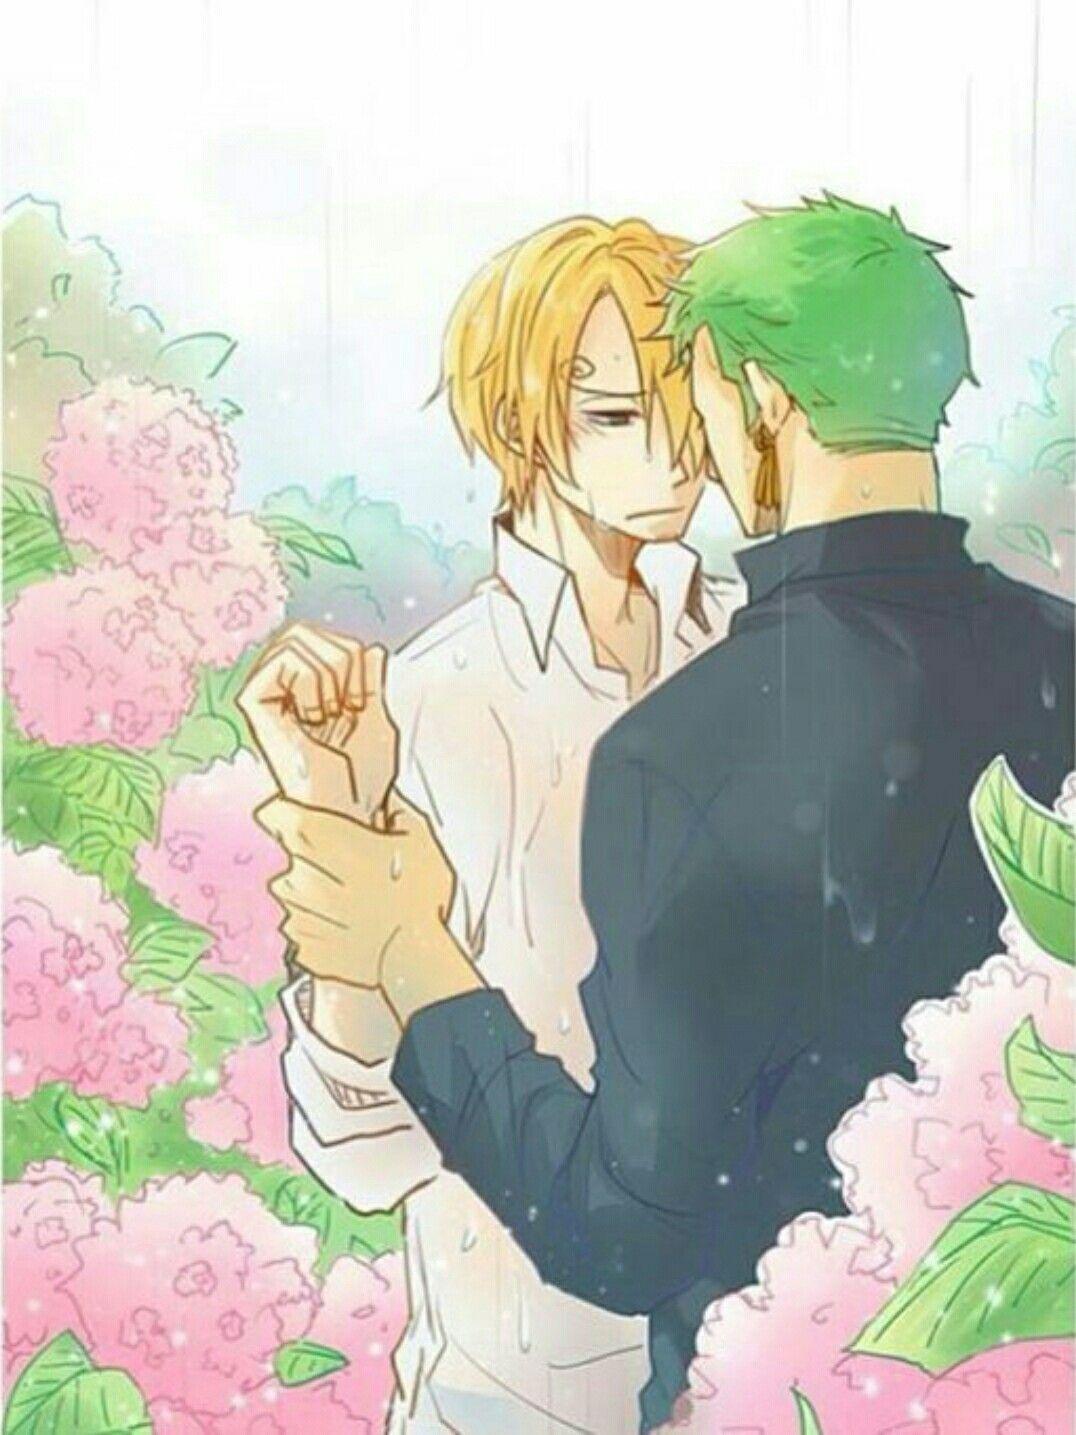 Zoro, Sanji, yaoi, raining, flowers